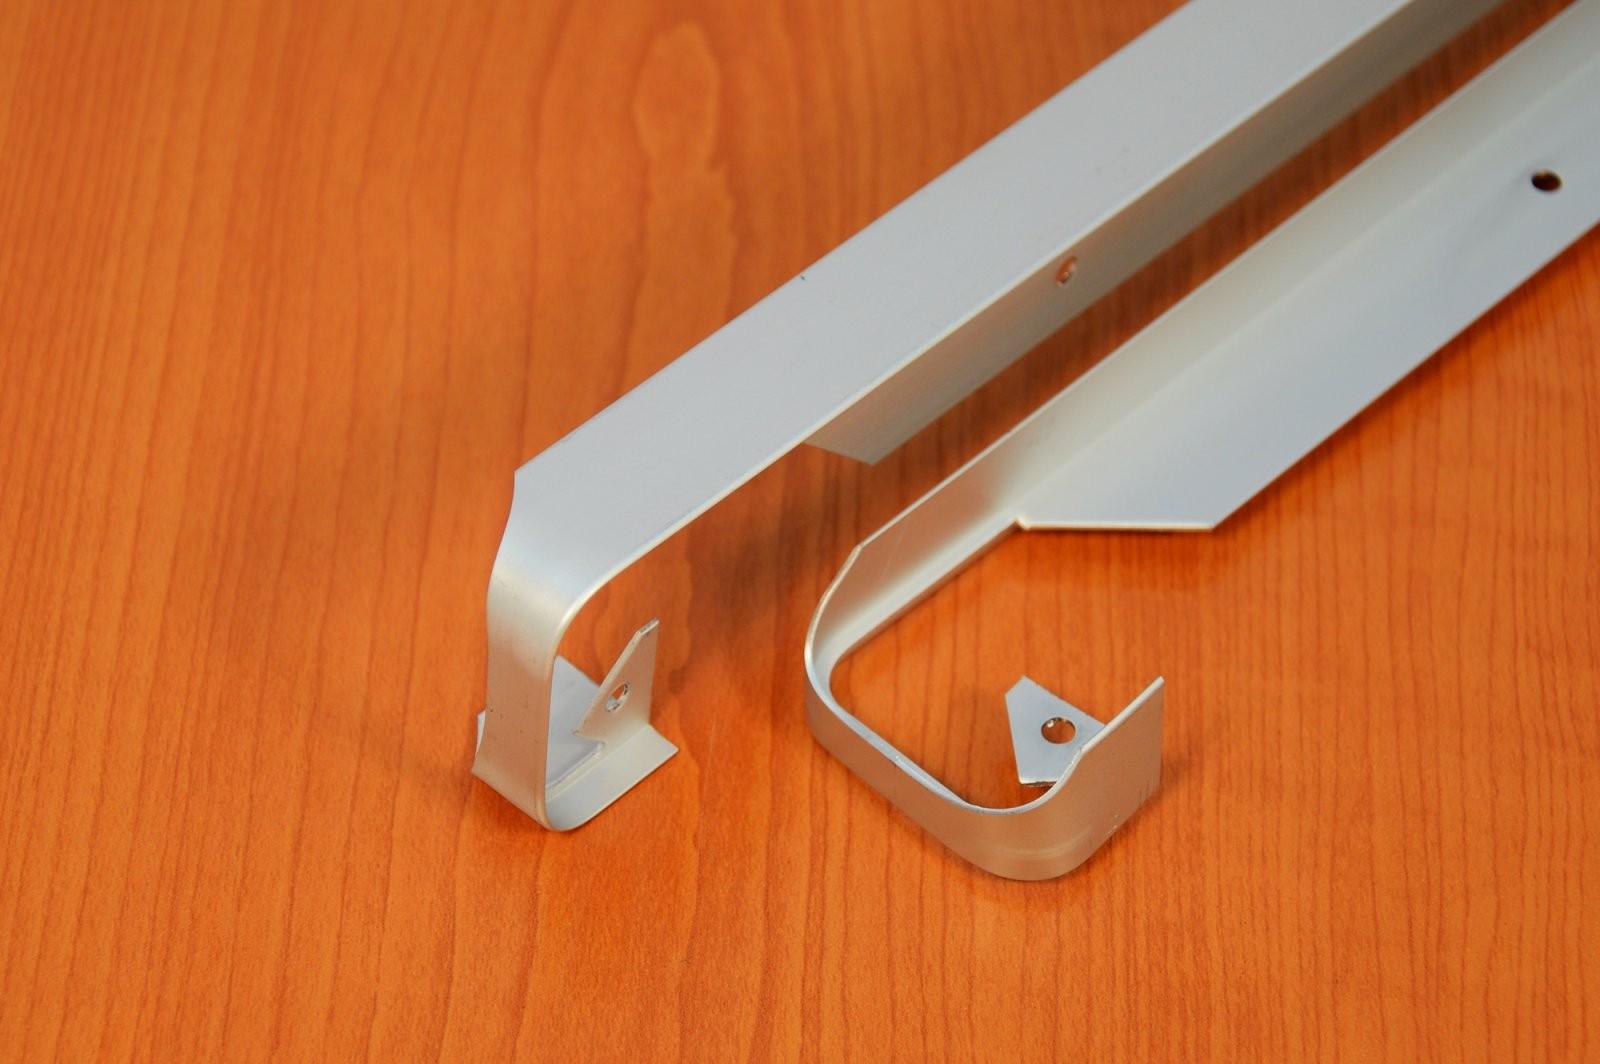 Abschlussleiste Winkelleisten Arbeitsplatte Eckverbinder Breite von Leiste Für Arbeitsplatte Küche Bild